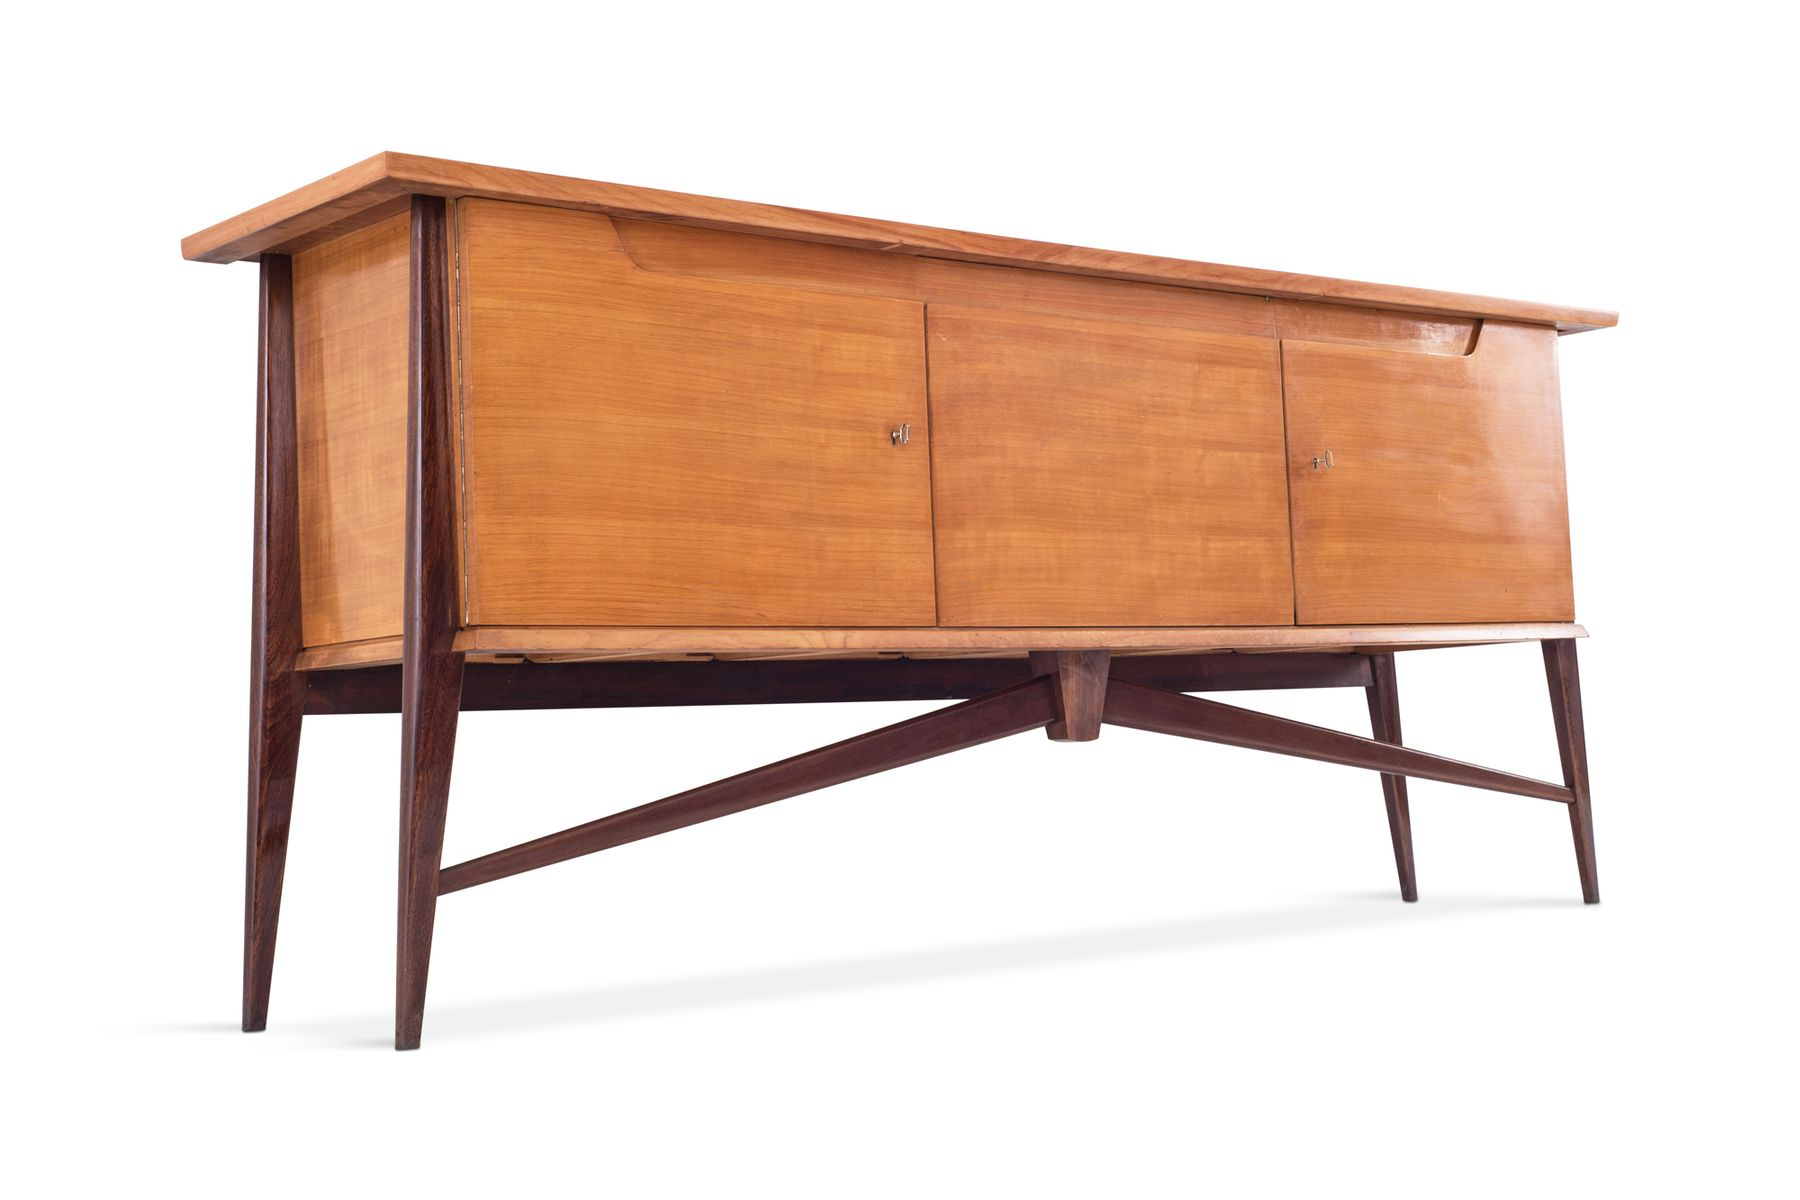 Credenza Moderna Bicolore : Credenza mid century moderna bicolore di de coene in vendita su pamono